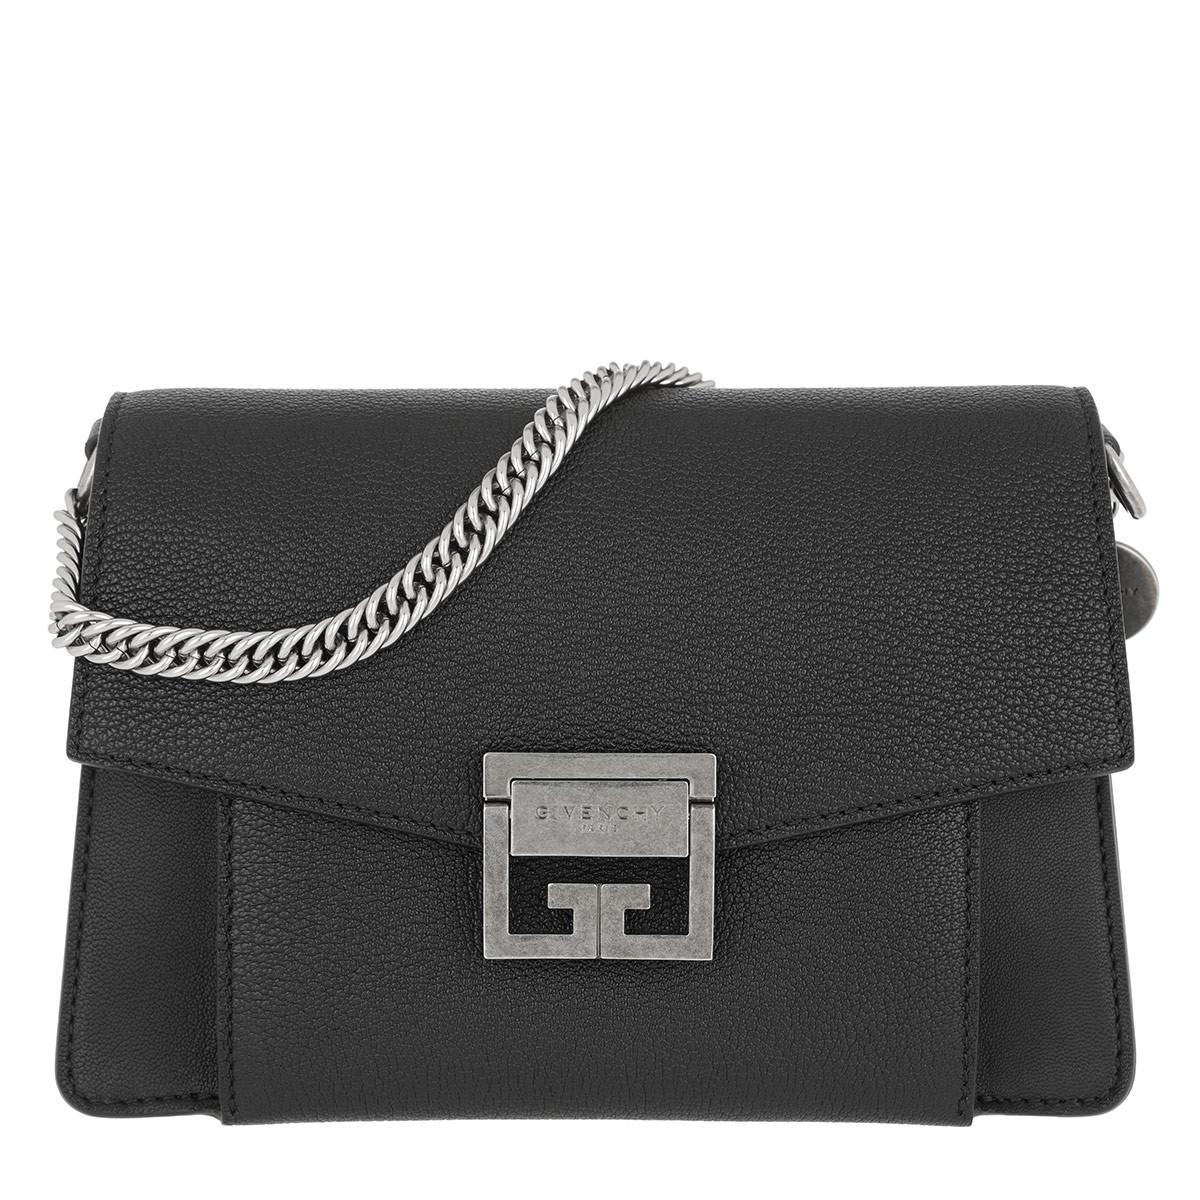 e2a51e2c9f6e Givenchy Gv3 Nano Crossbody Bag Leather Black in Black - Lyst